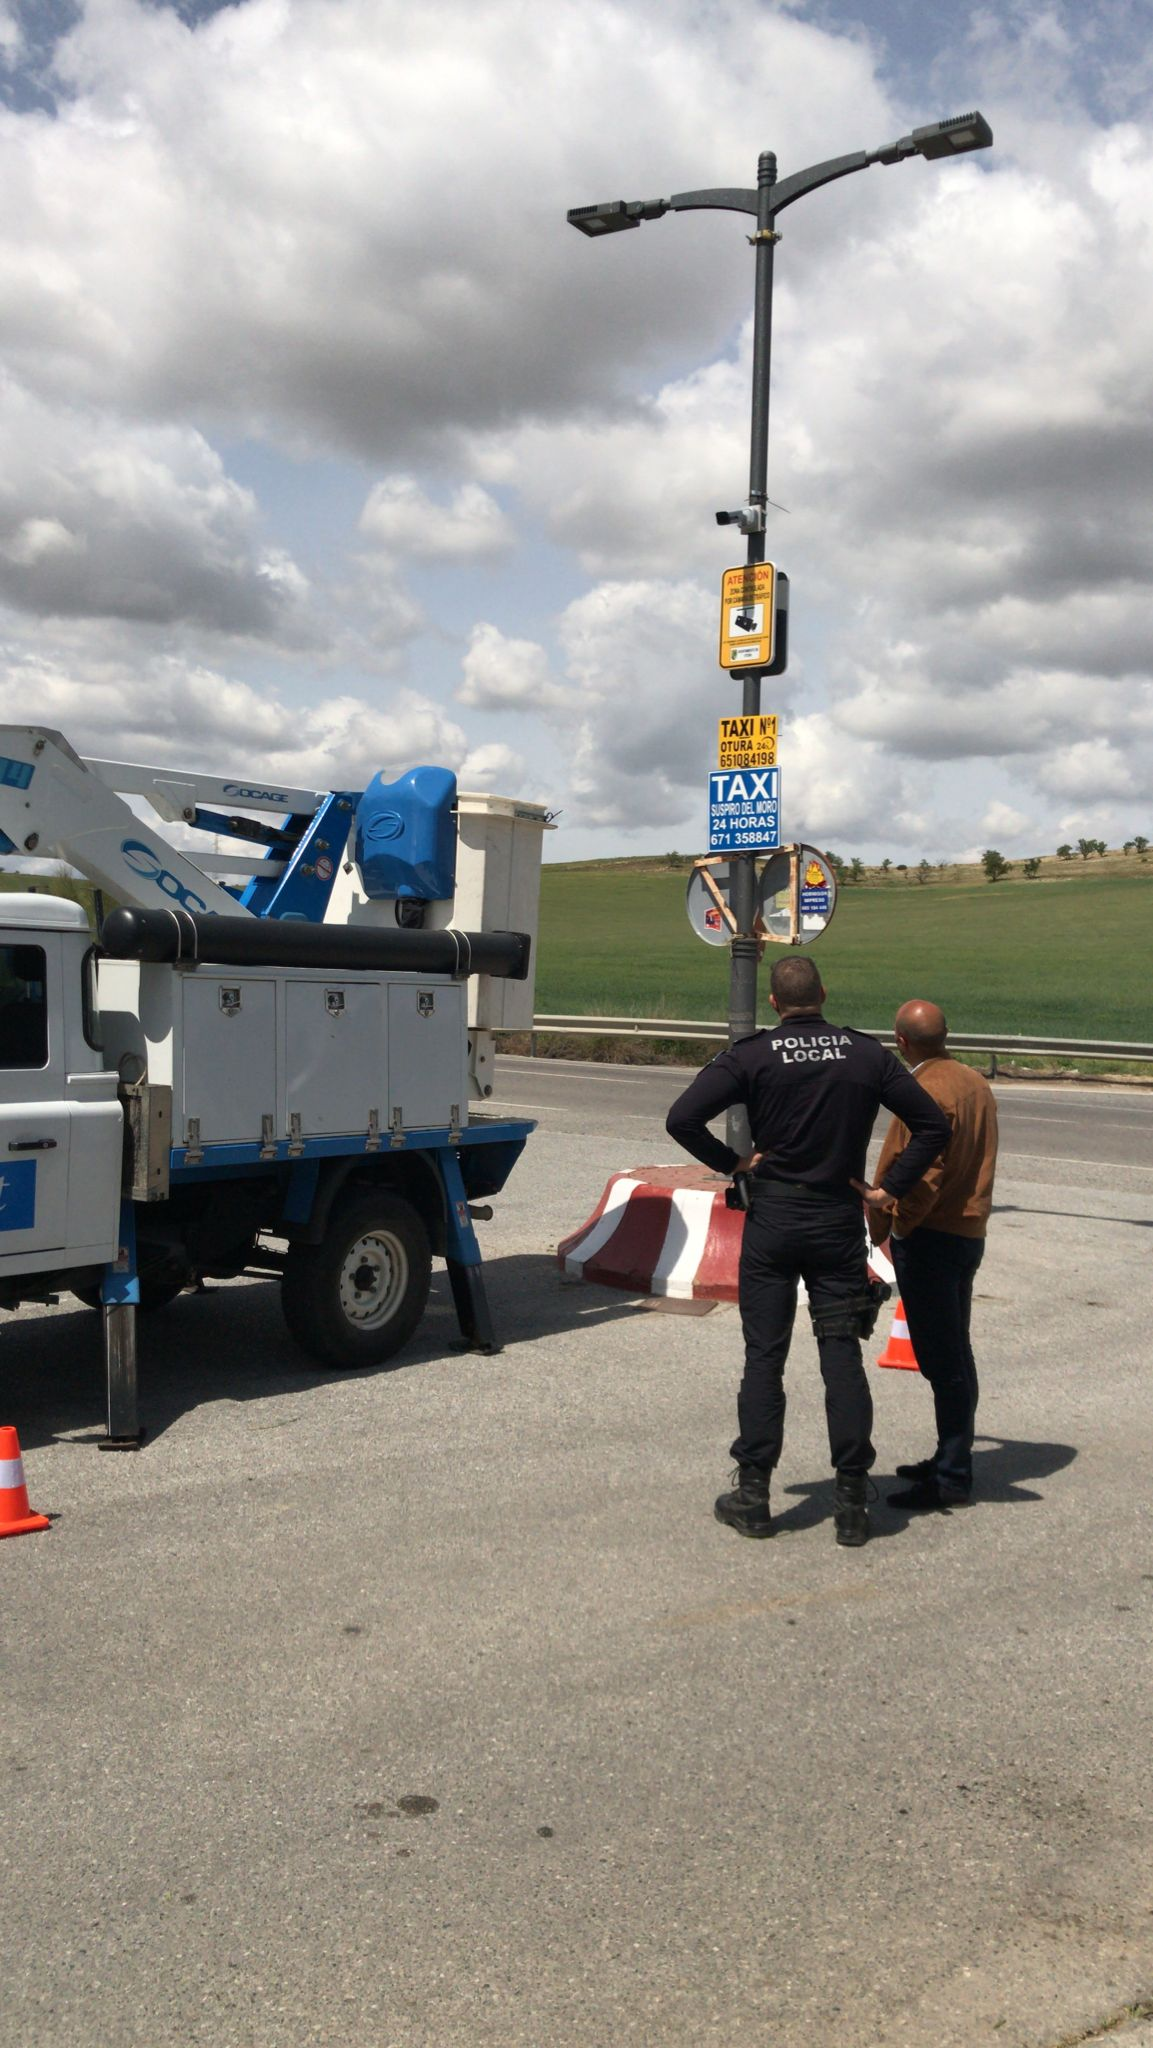 La Policía Local de Otura controlará el tráfico y mejorará la seguridad mediante cámaras de videovigilancia